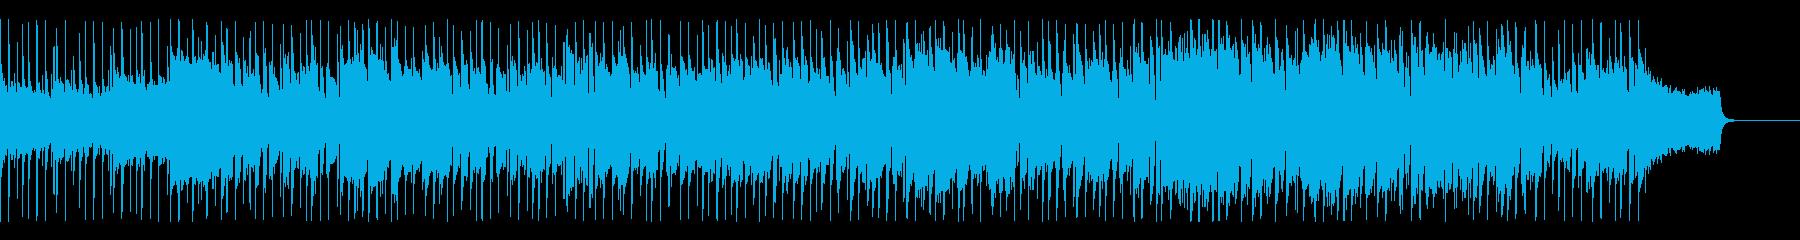 バグパイプとフィドルの爽やかなロックの再生済みの波形